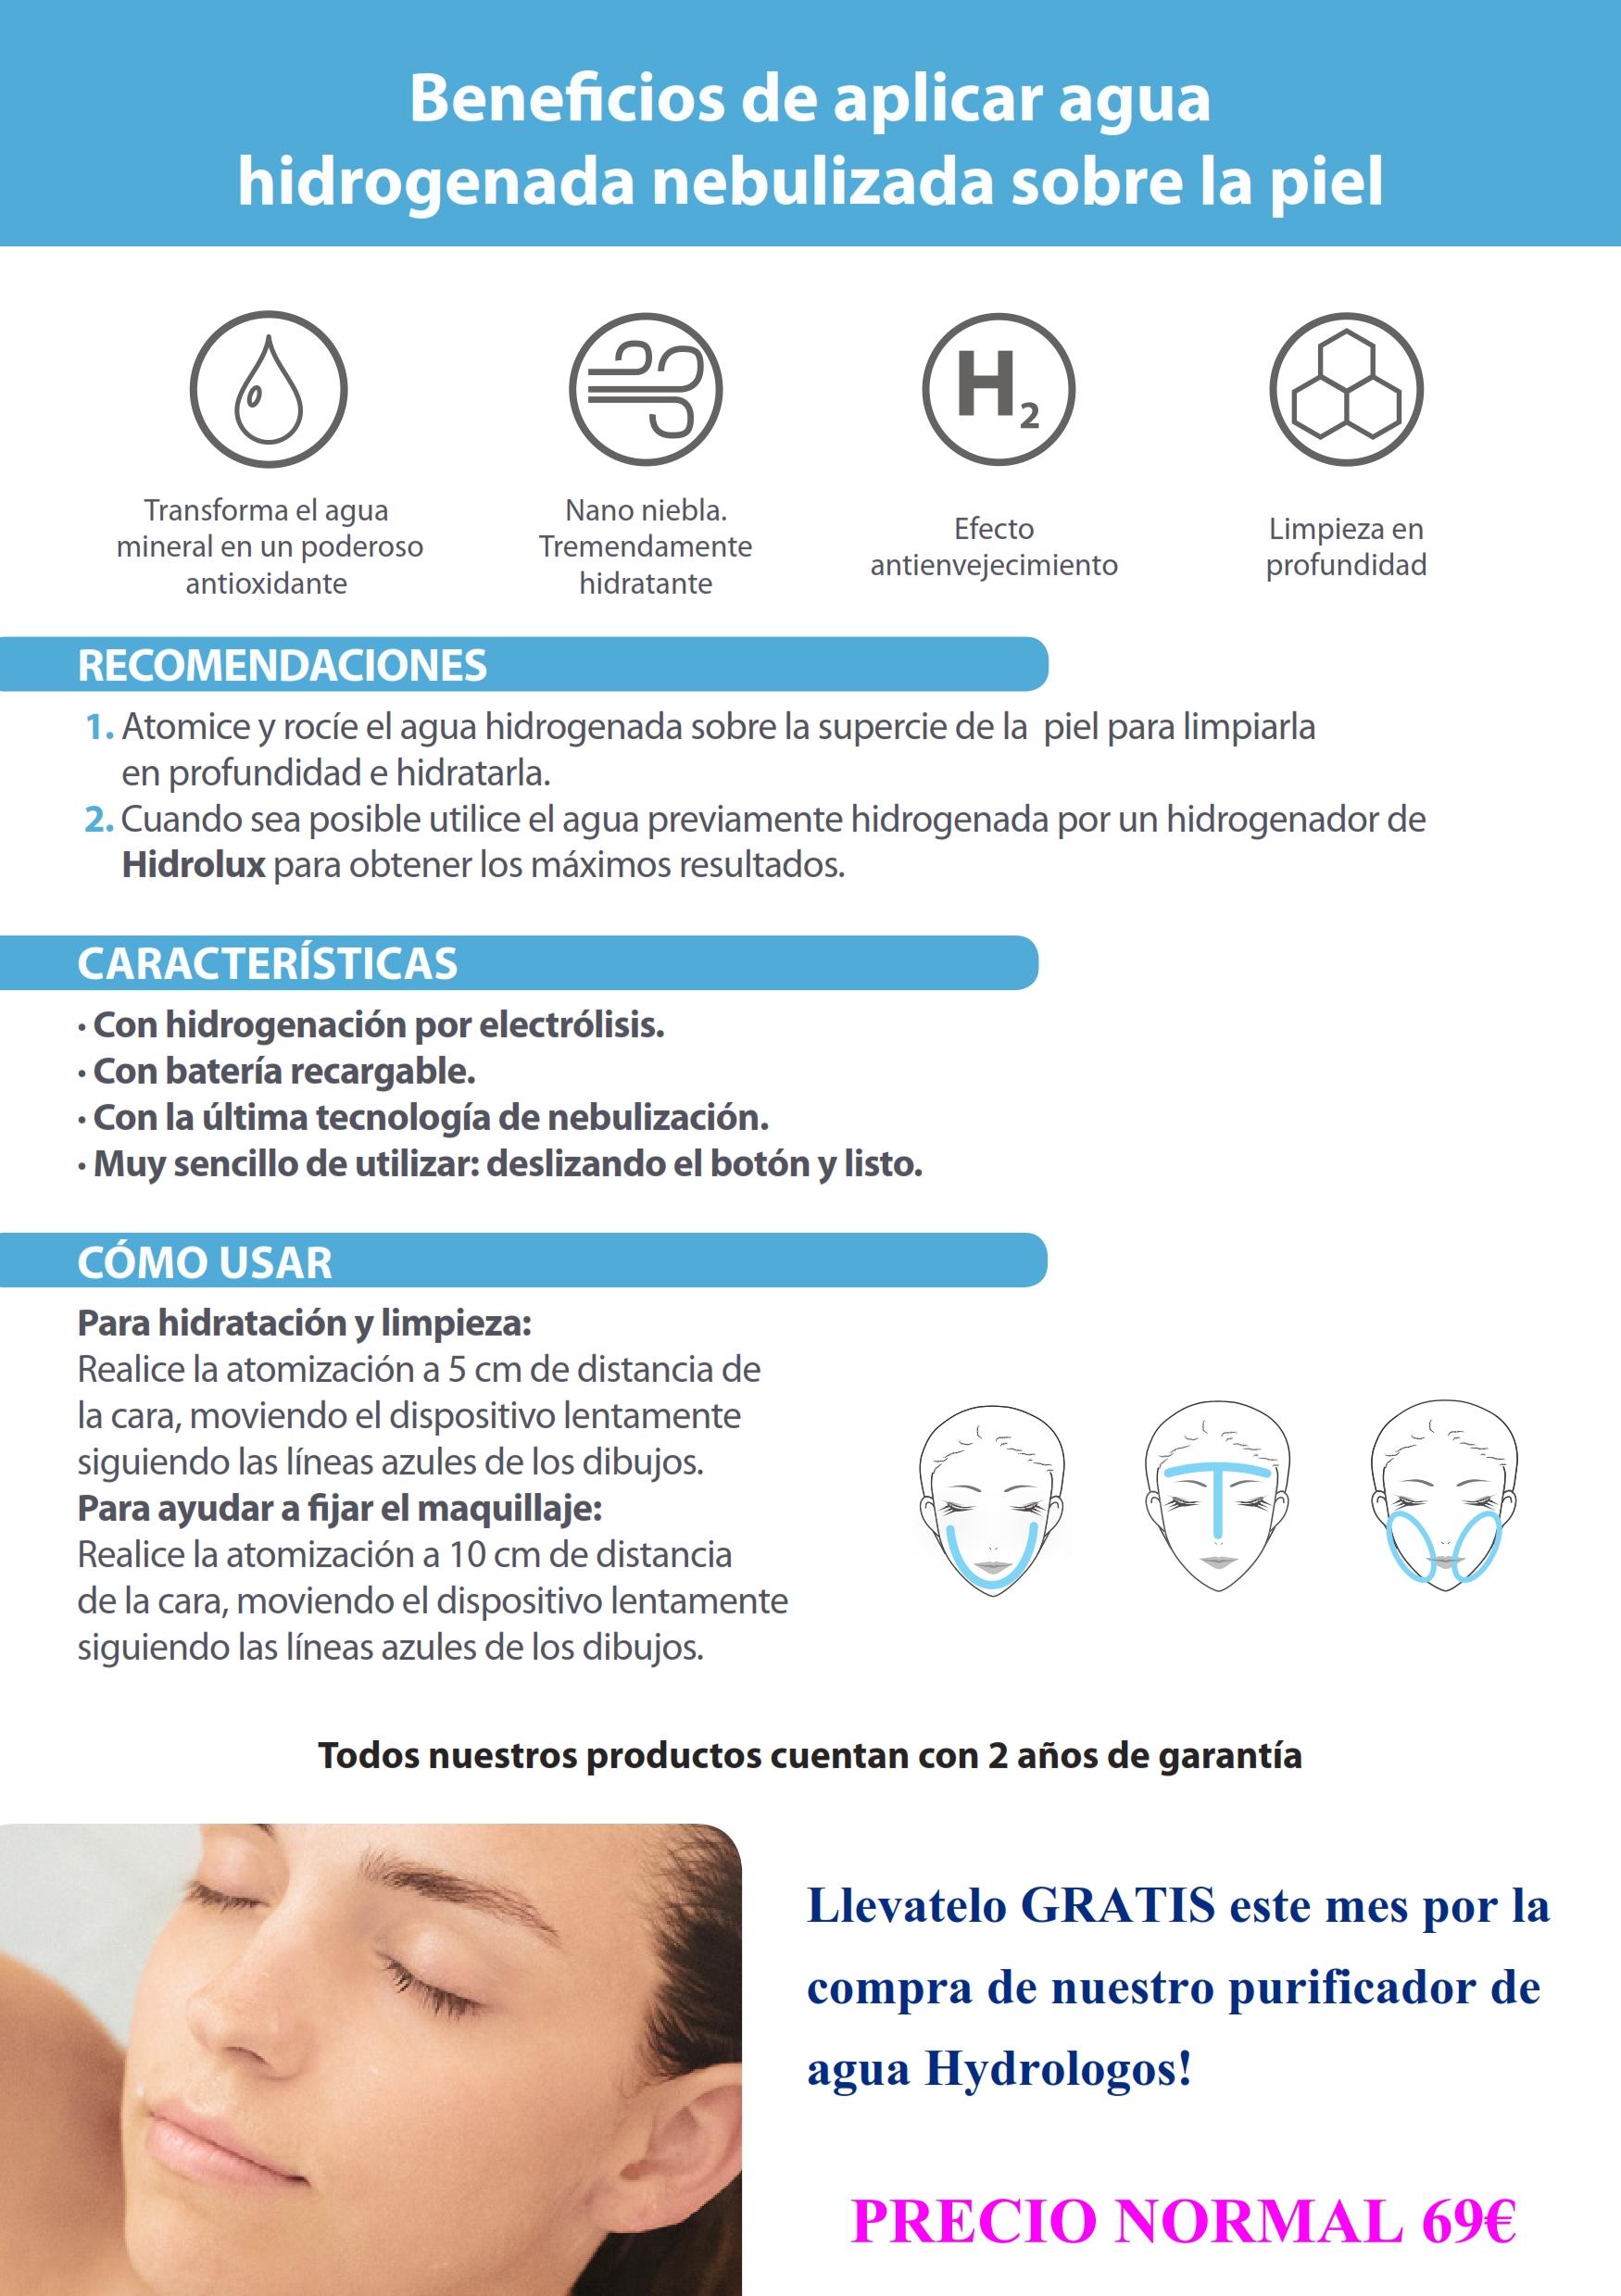 Hidrogenador Facial Hydrologos